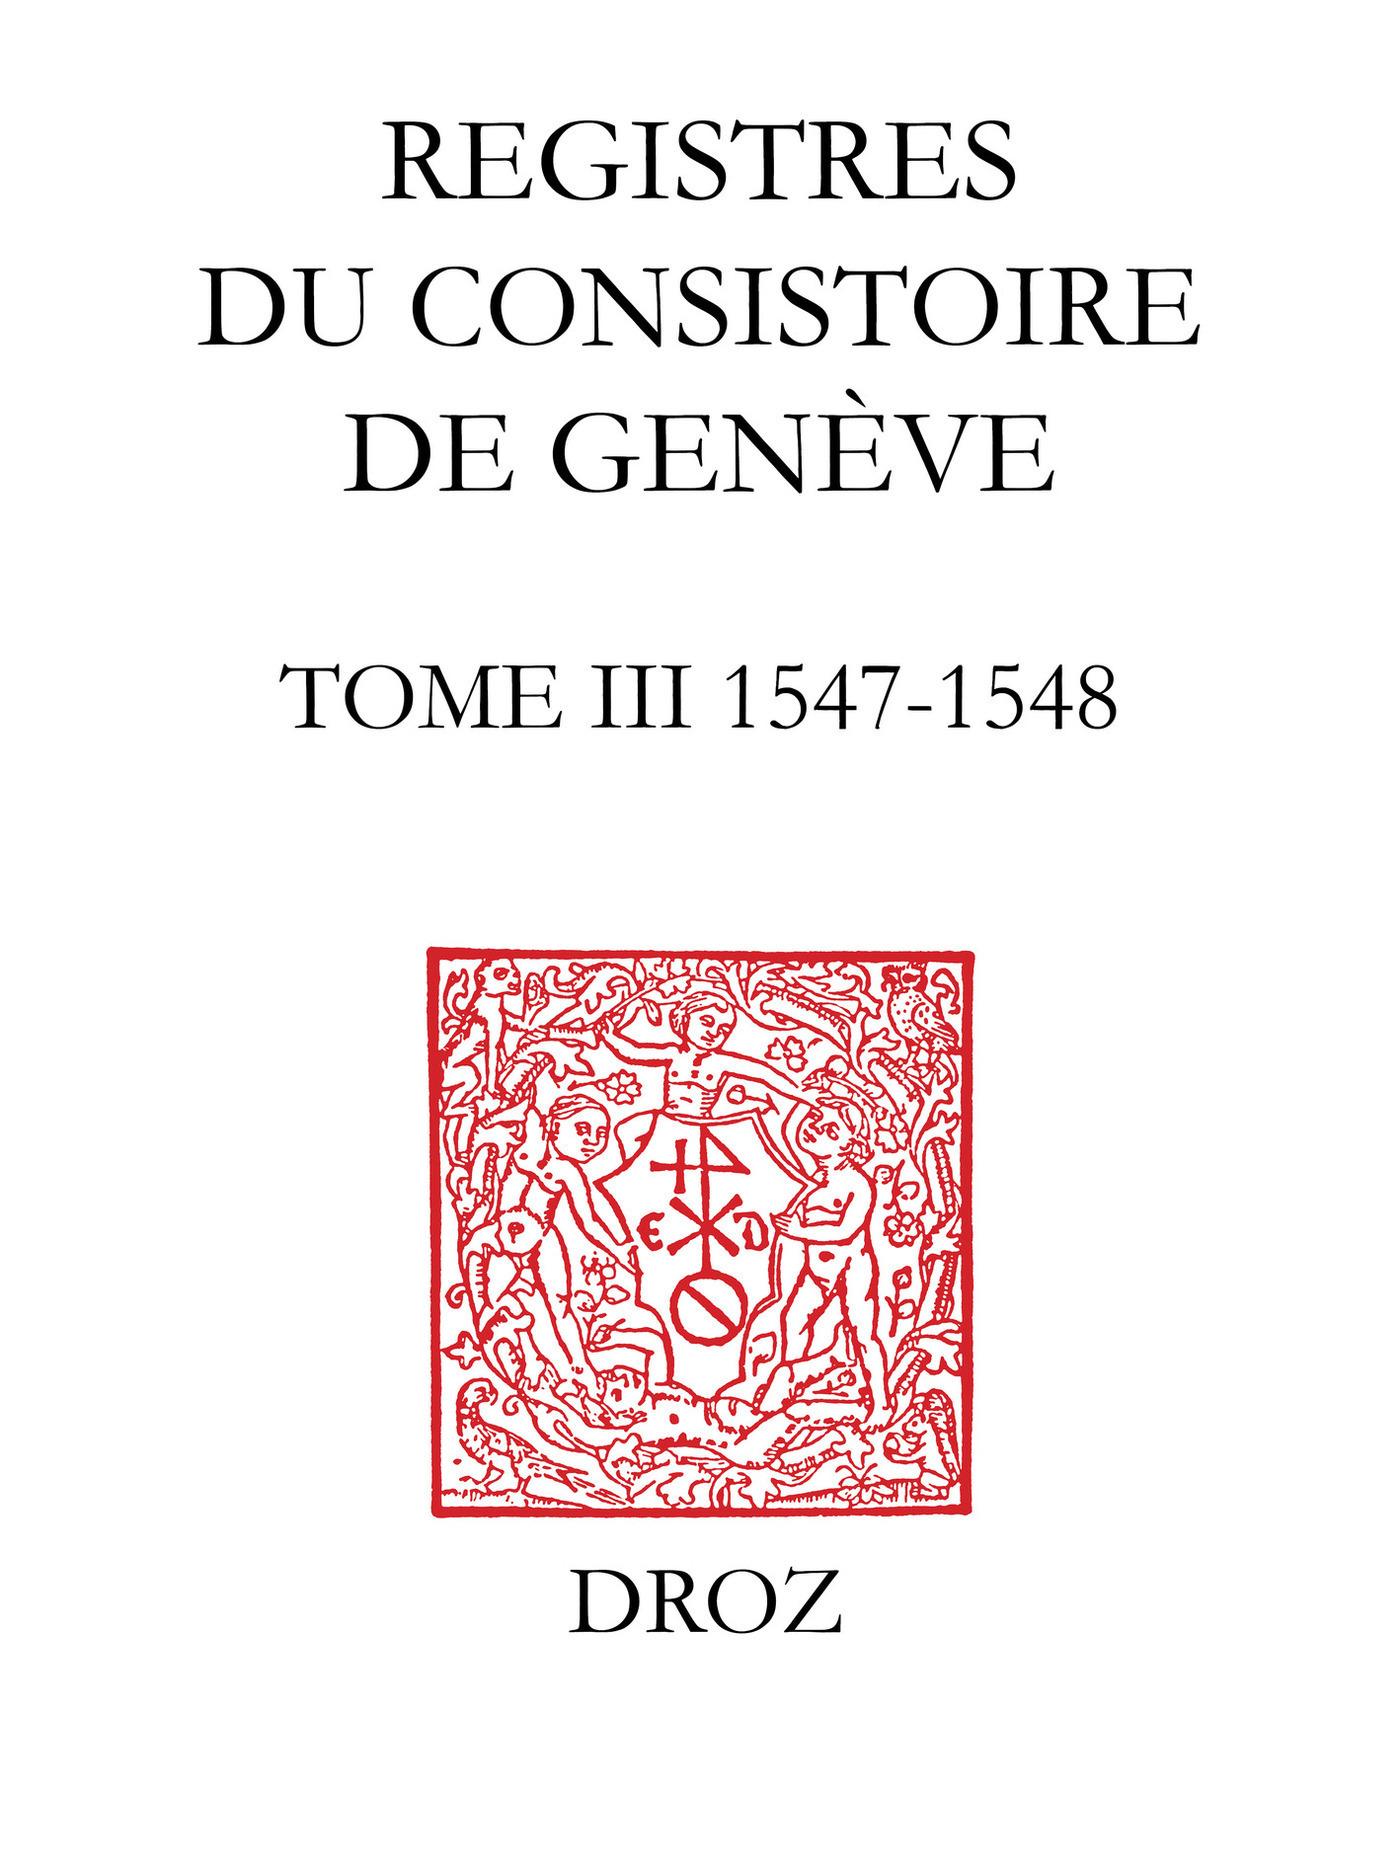 Registres du Consistoire de Genève au temps de Calvin  - Wallace Mcdonald